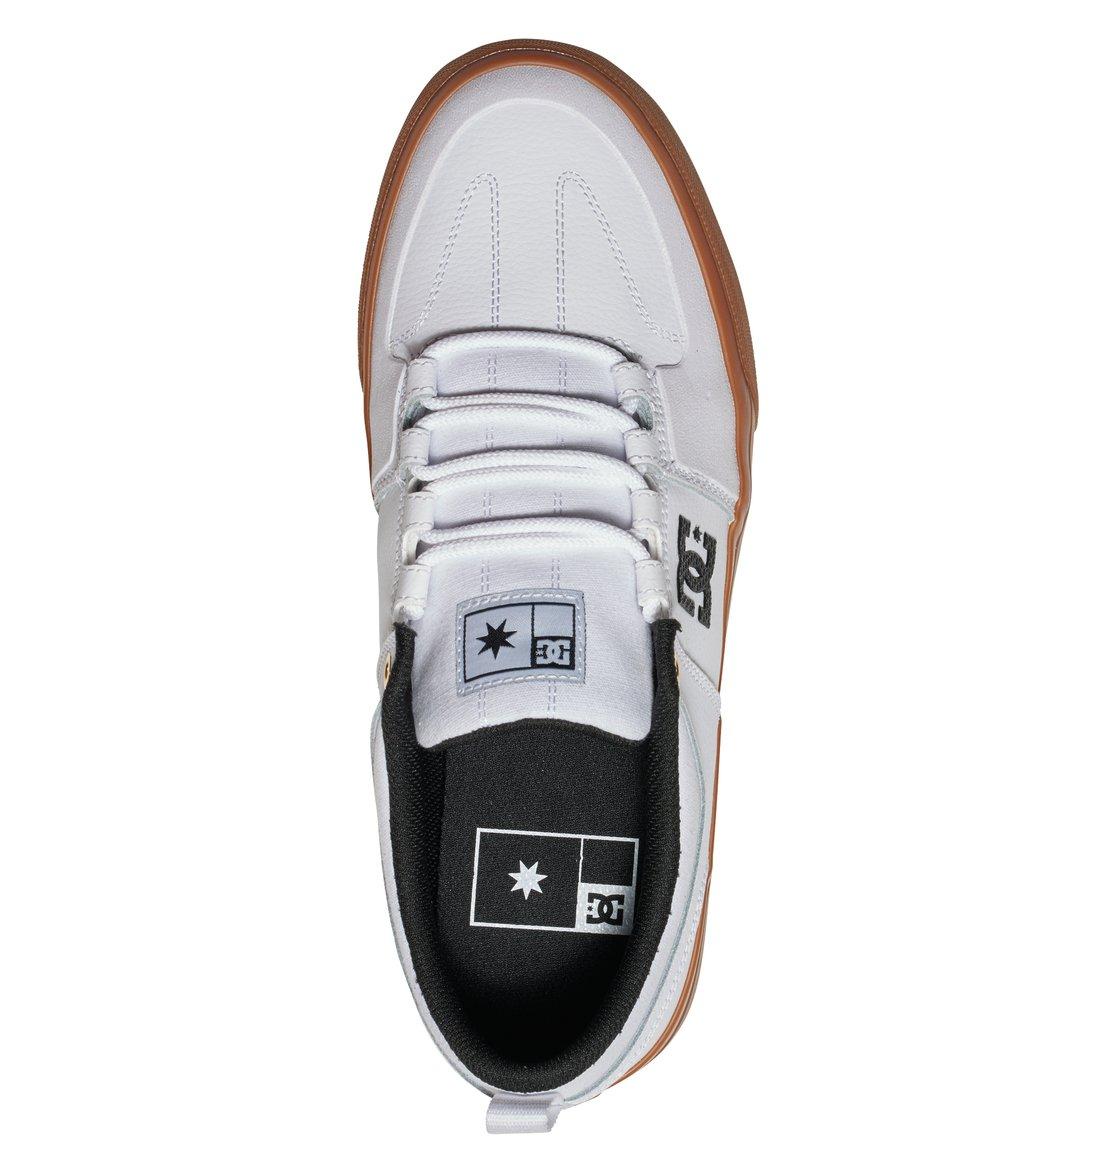 Dc Men S Lynx Vulx Skate Shoes